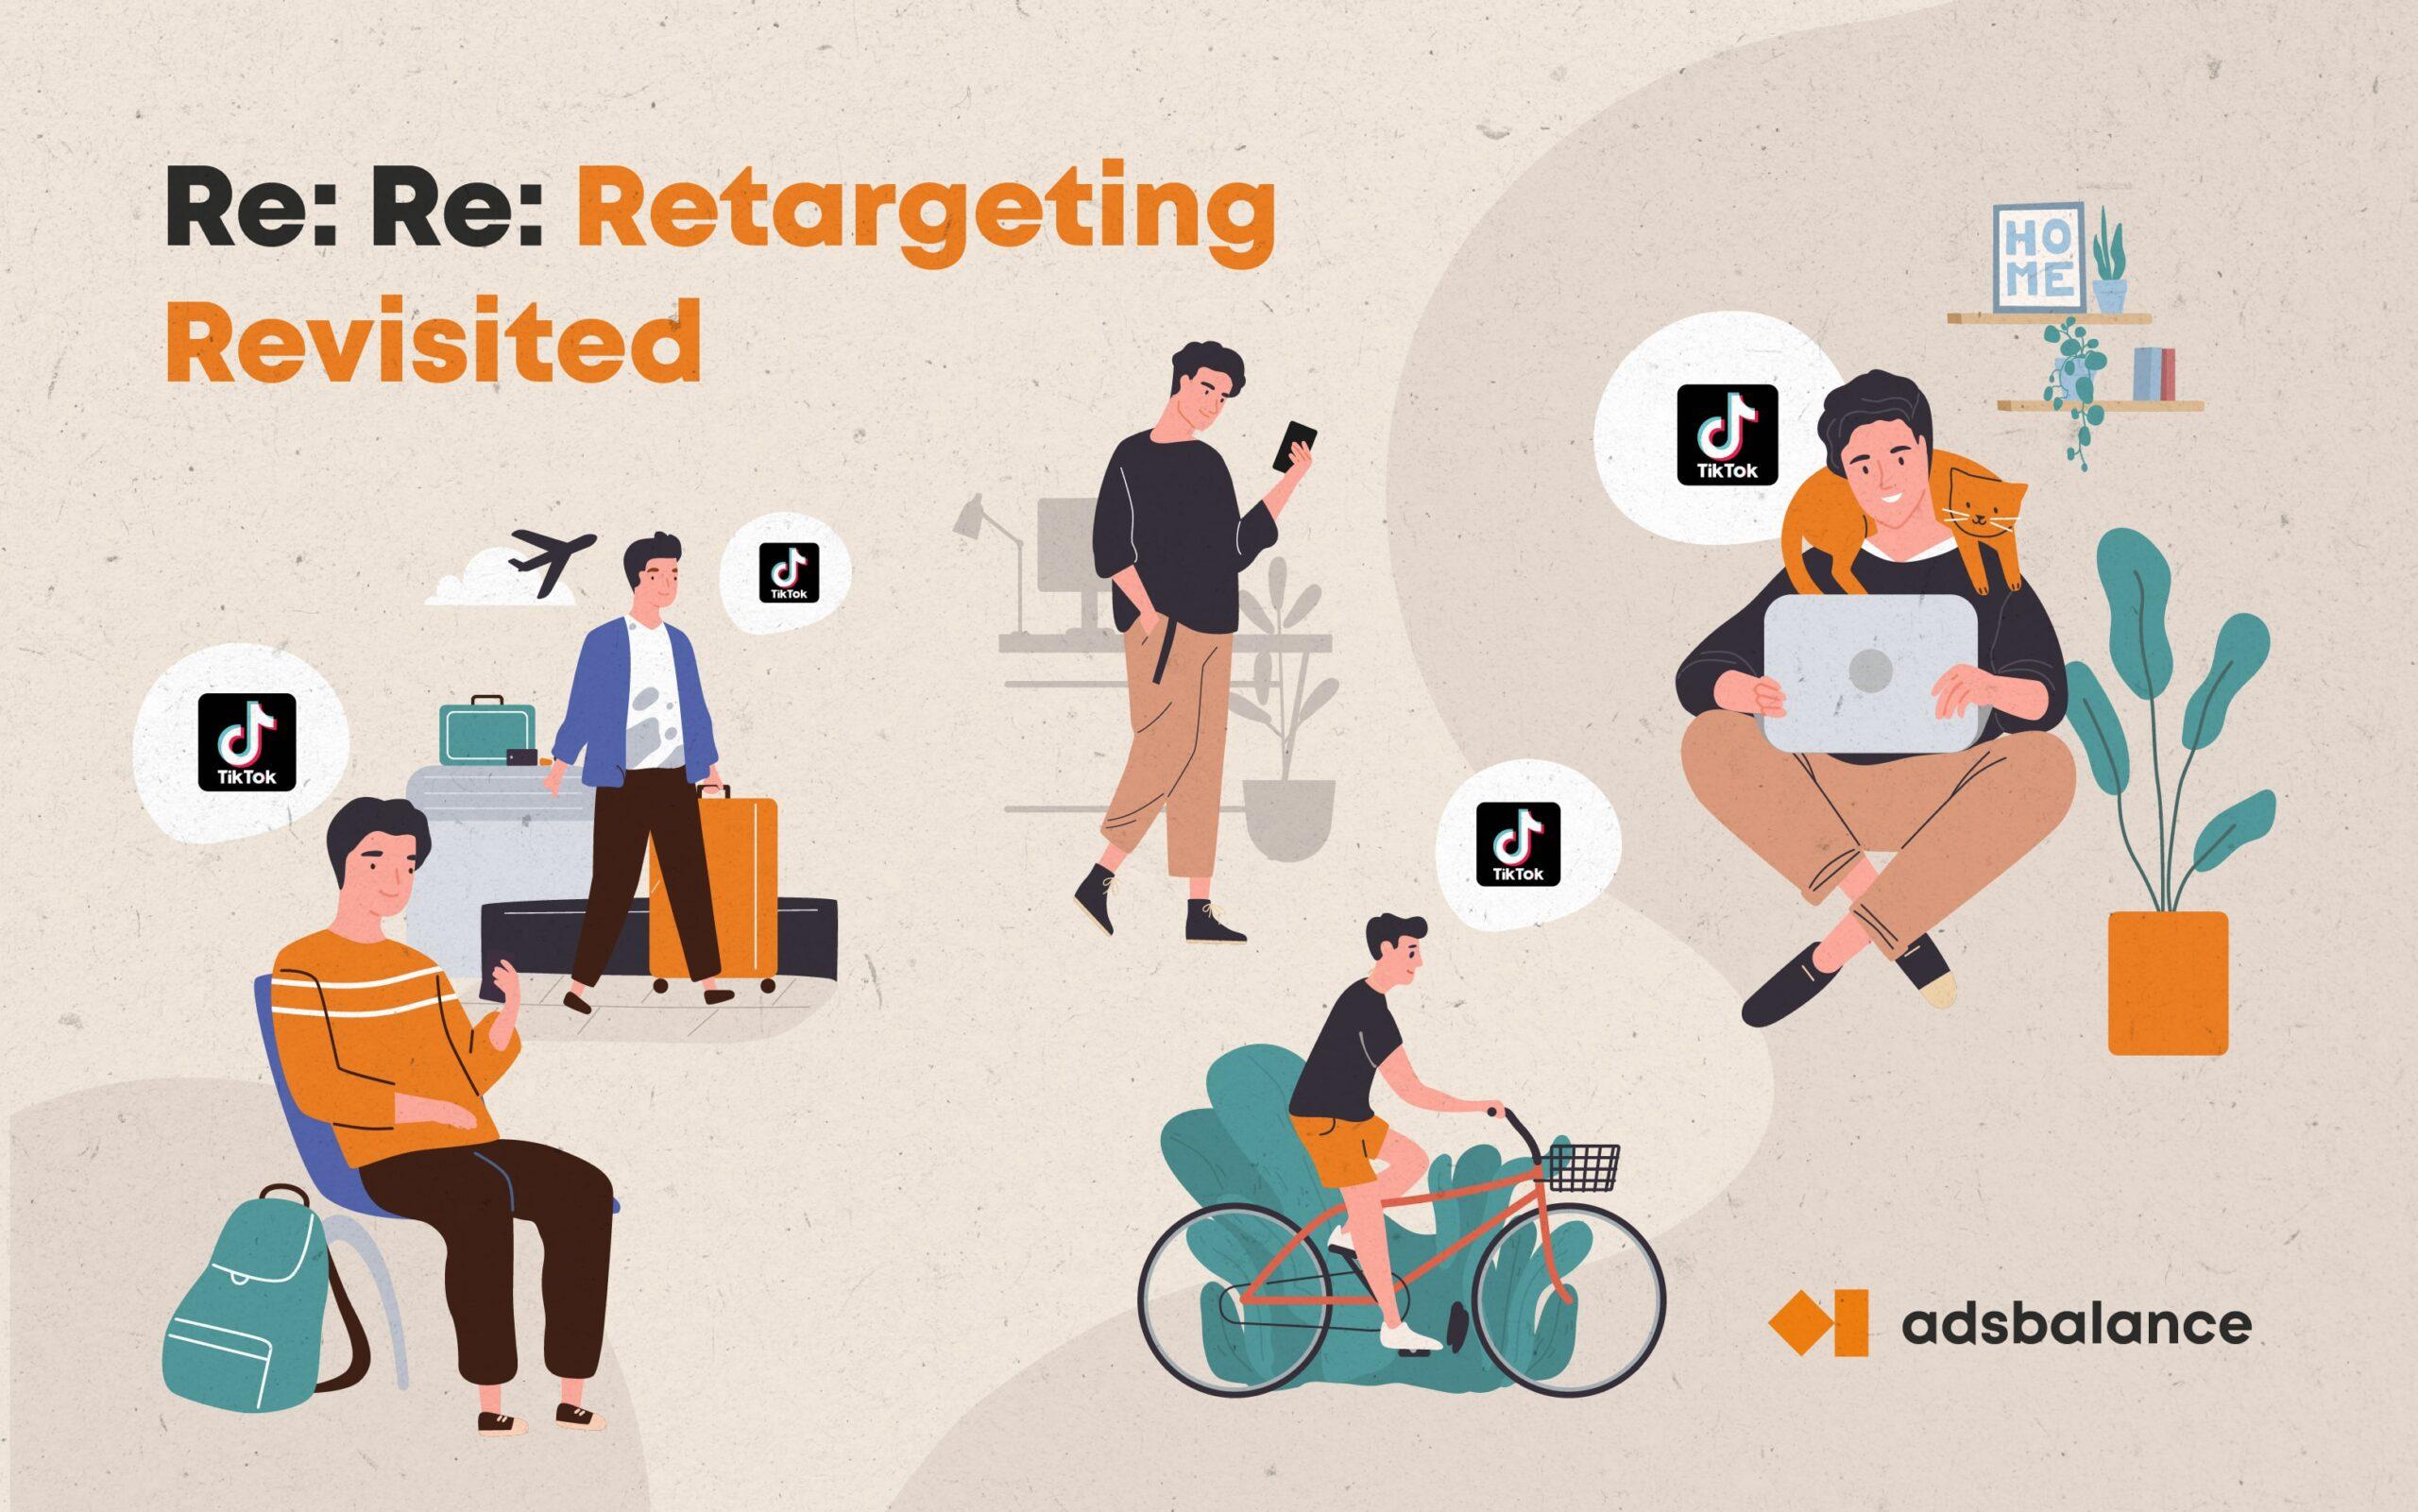 Adsbalance Retargeting